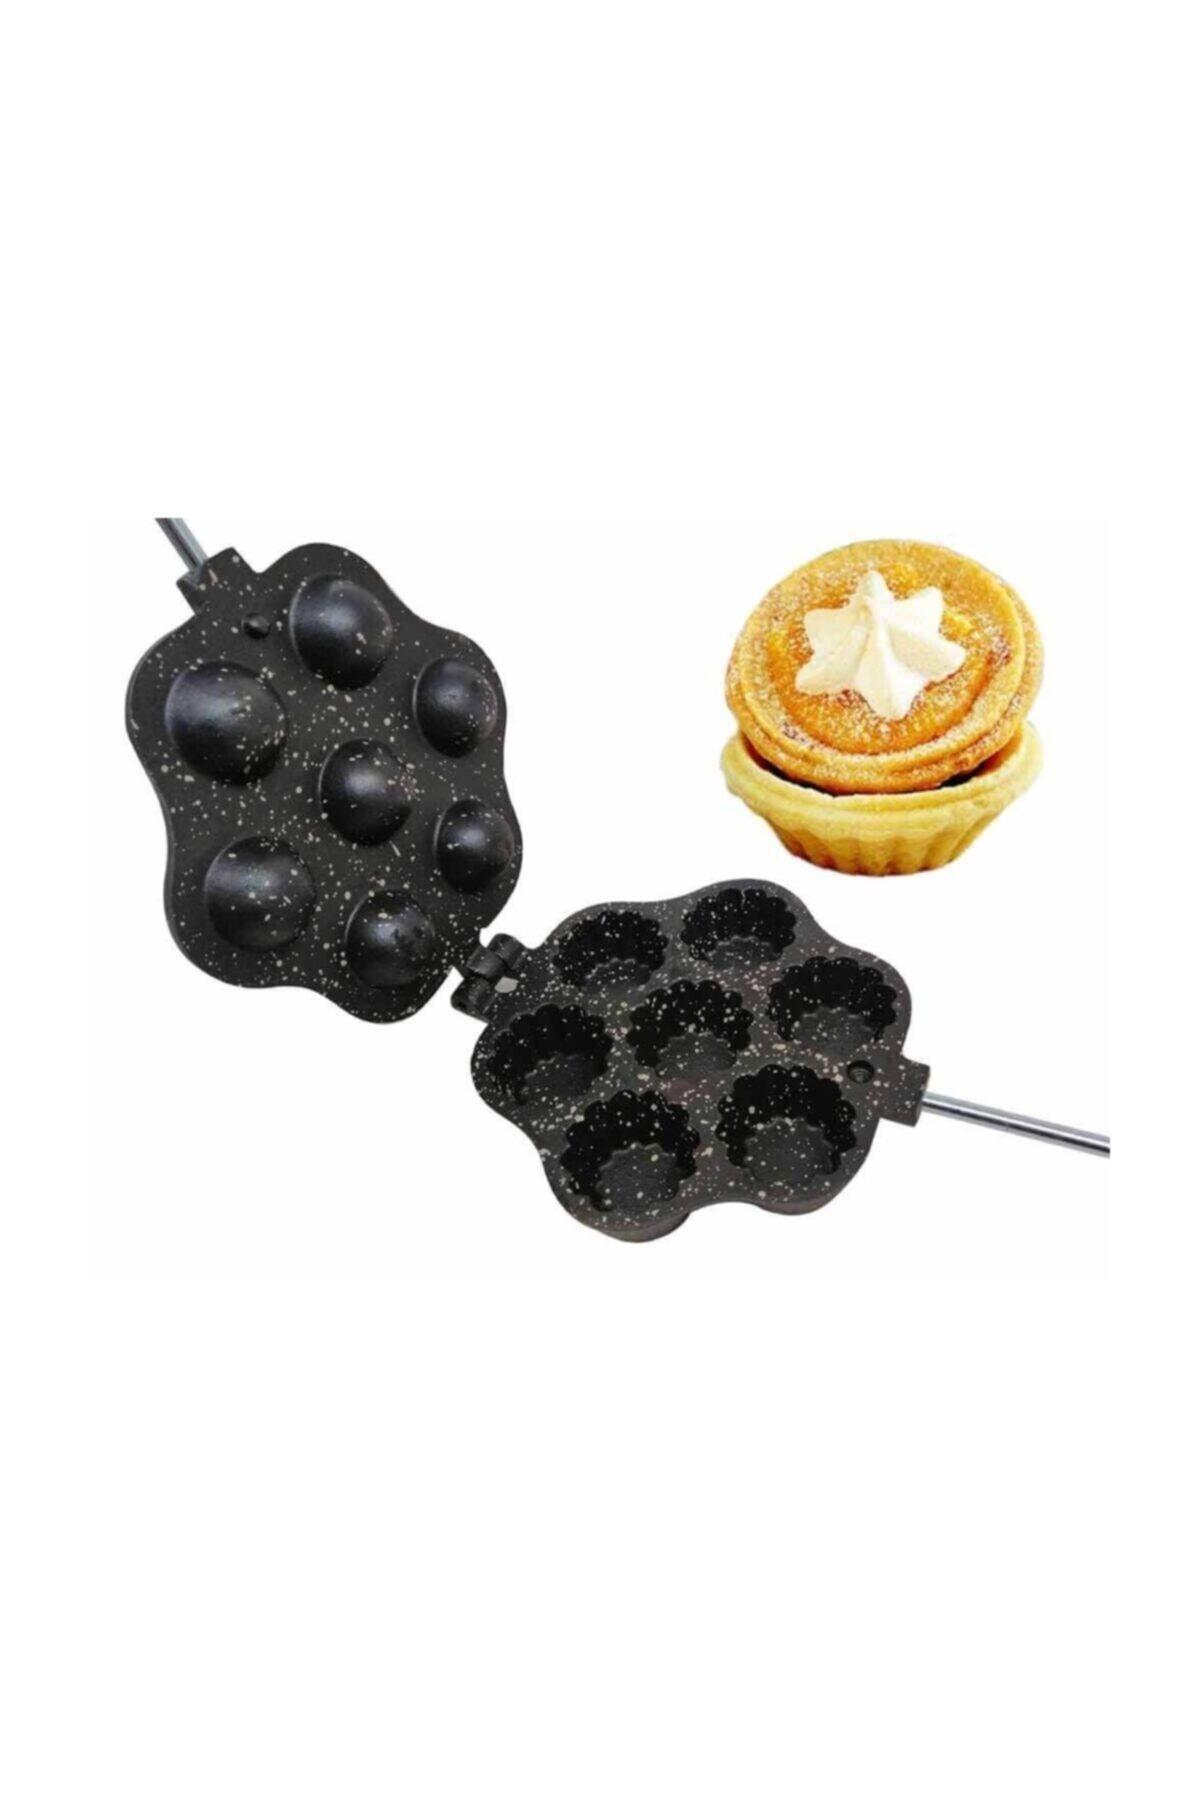 KARADAĞ METAL Tartolet Döküm Kurabiye Kalıbı Granit Kaplama + Metal Pasta Kazıyıcı 10 Cm 1